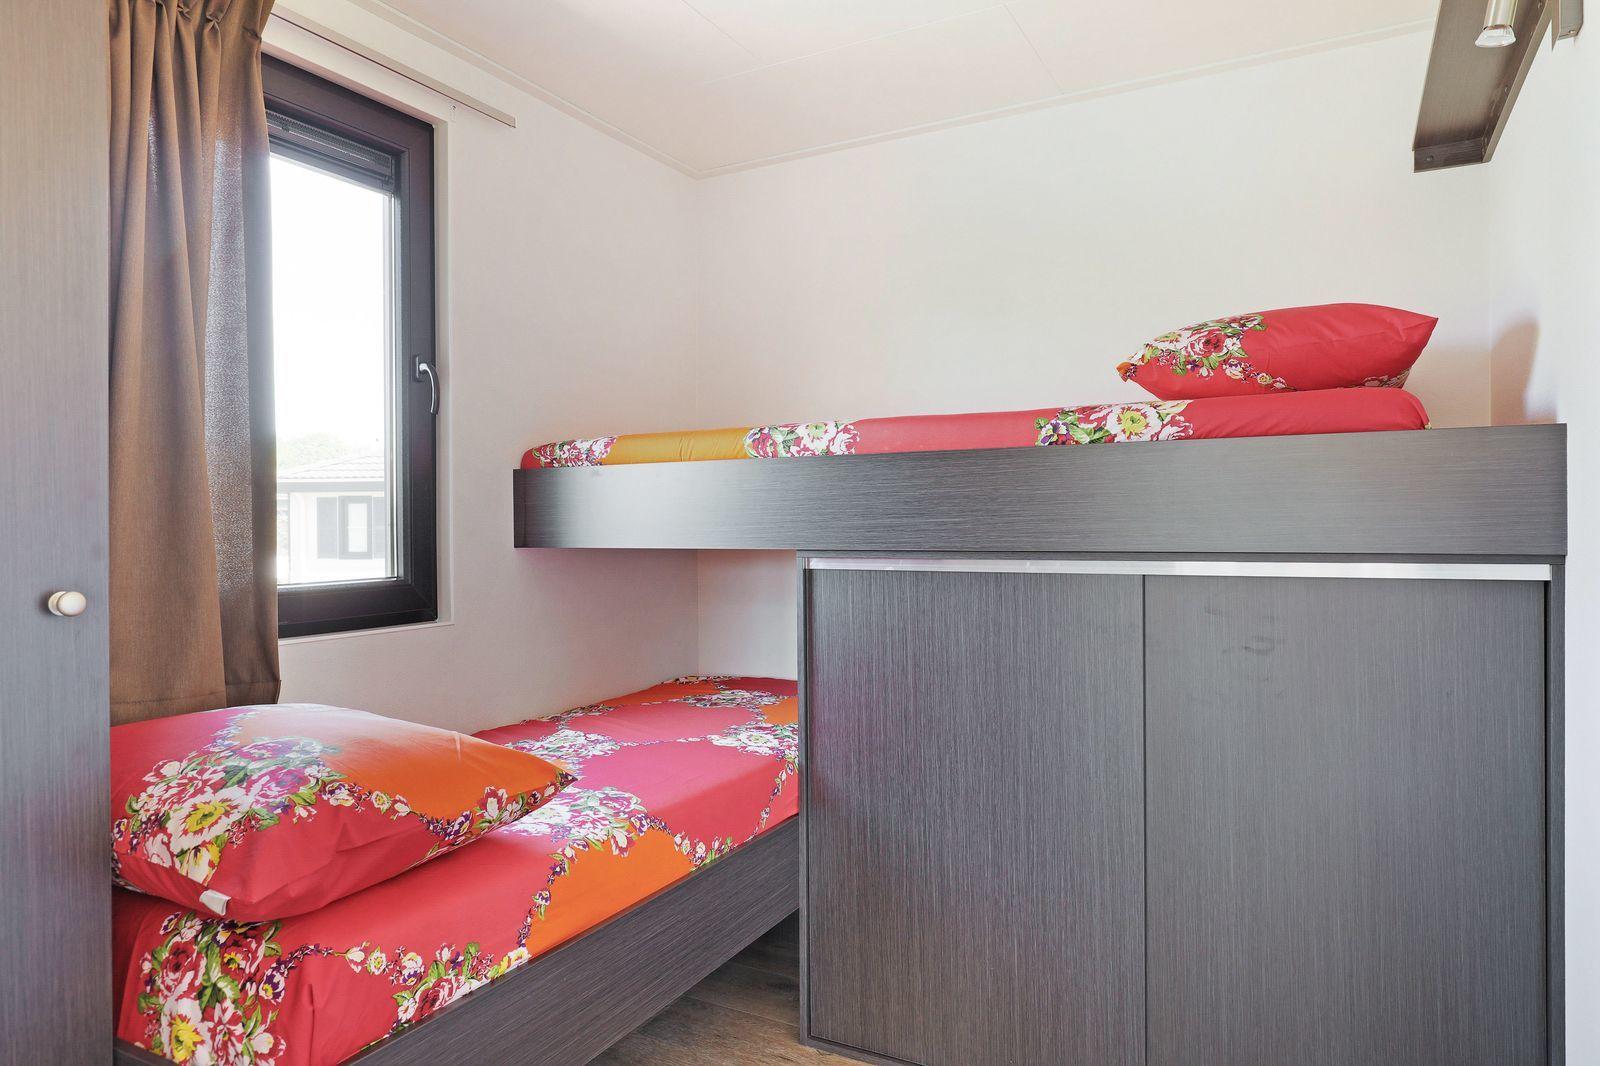 Watervilla: 6-persoons, 3 slaapkamers